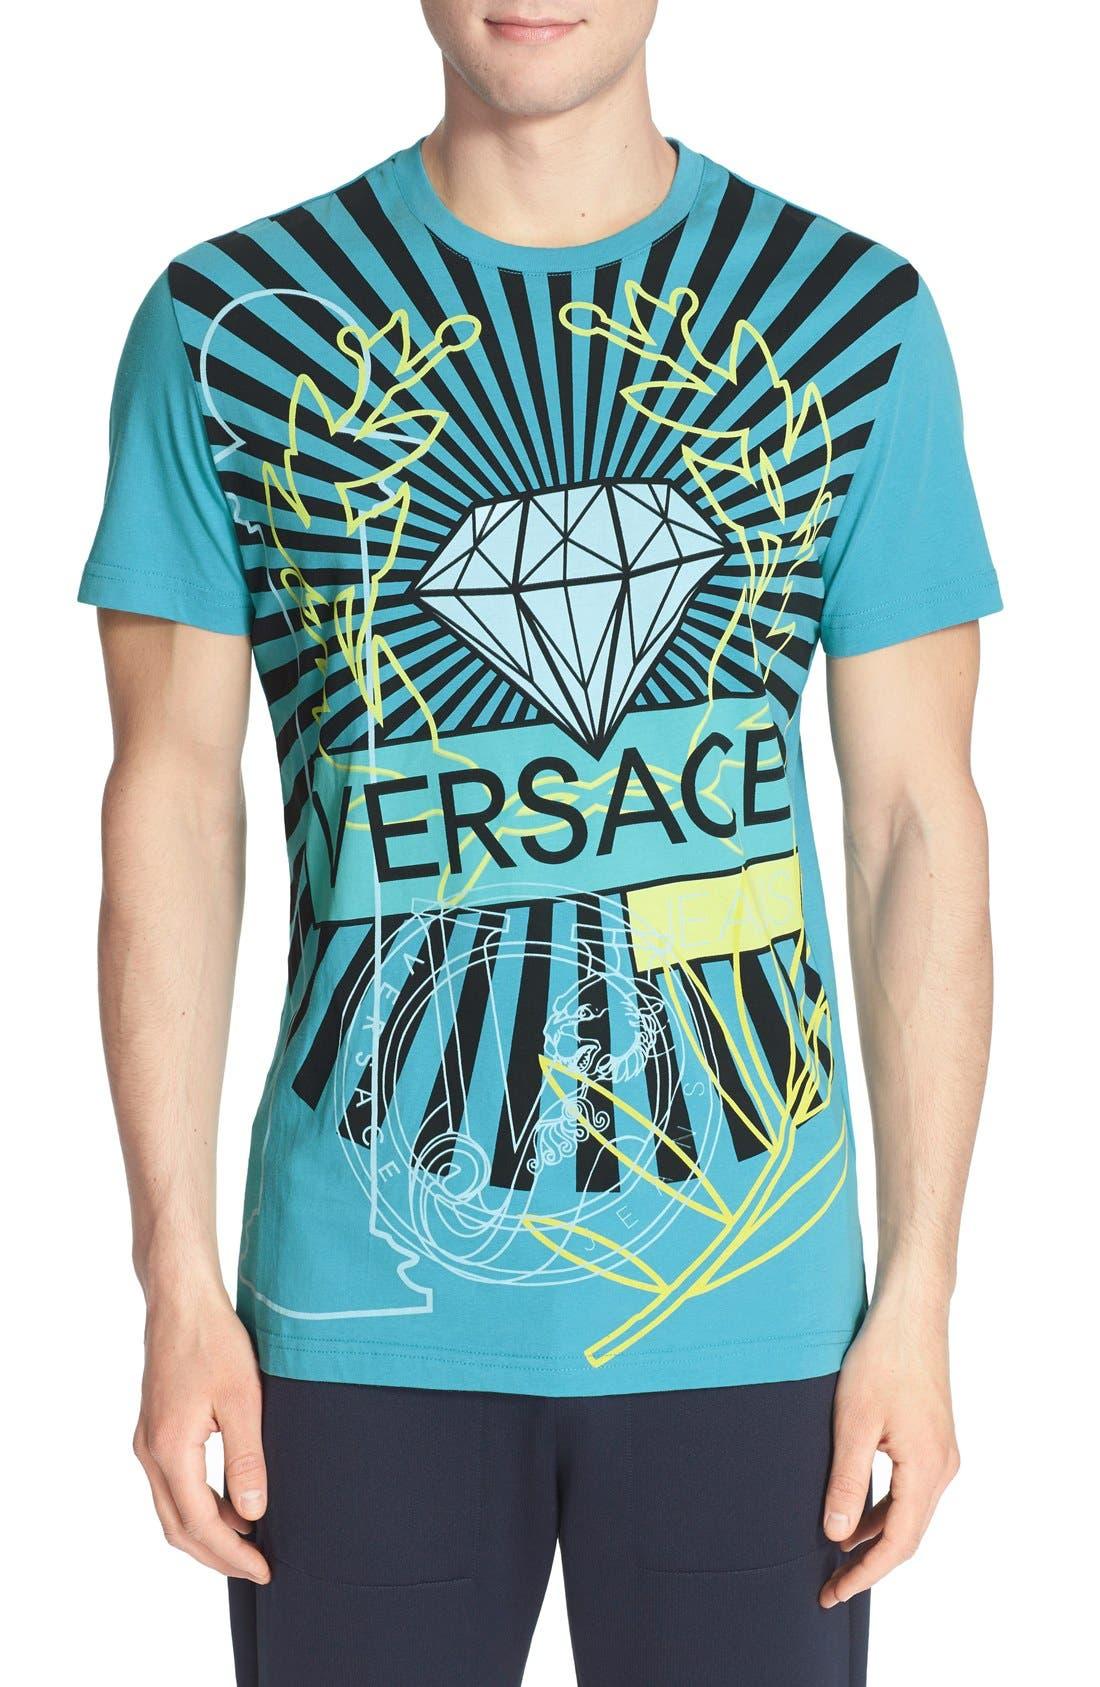 VERSACE JEANS Diamond Print T-Shirt, Main, color, 440